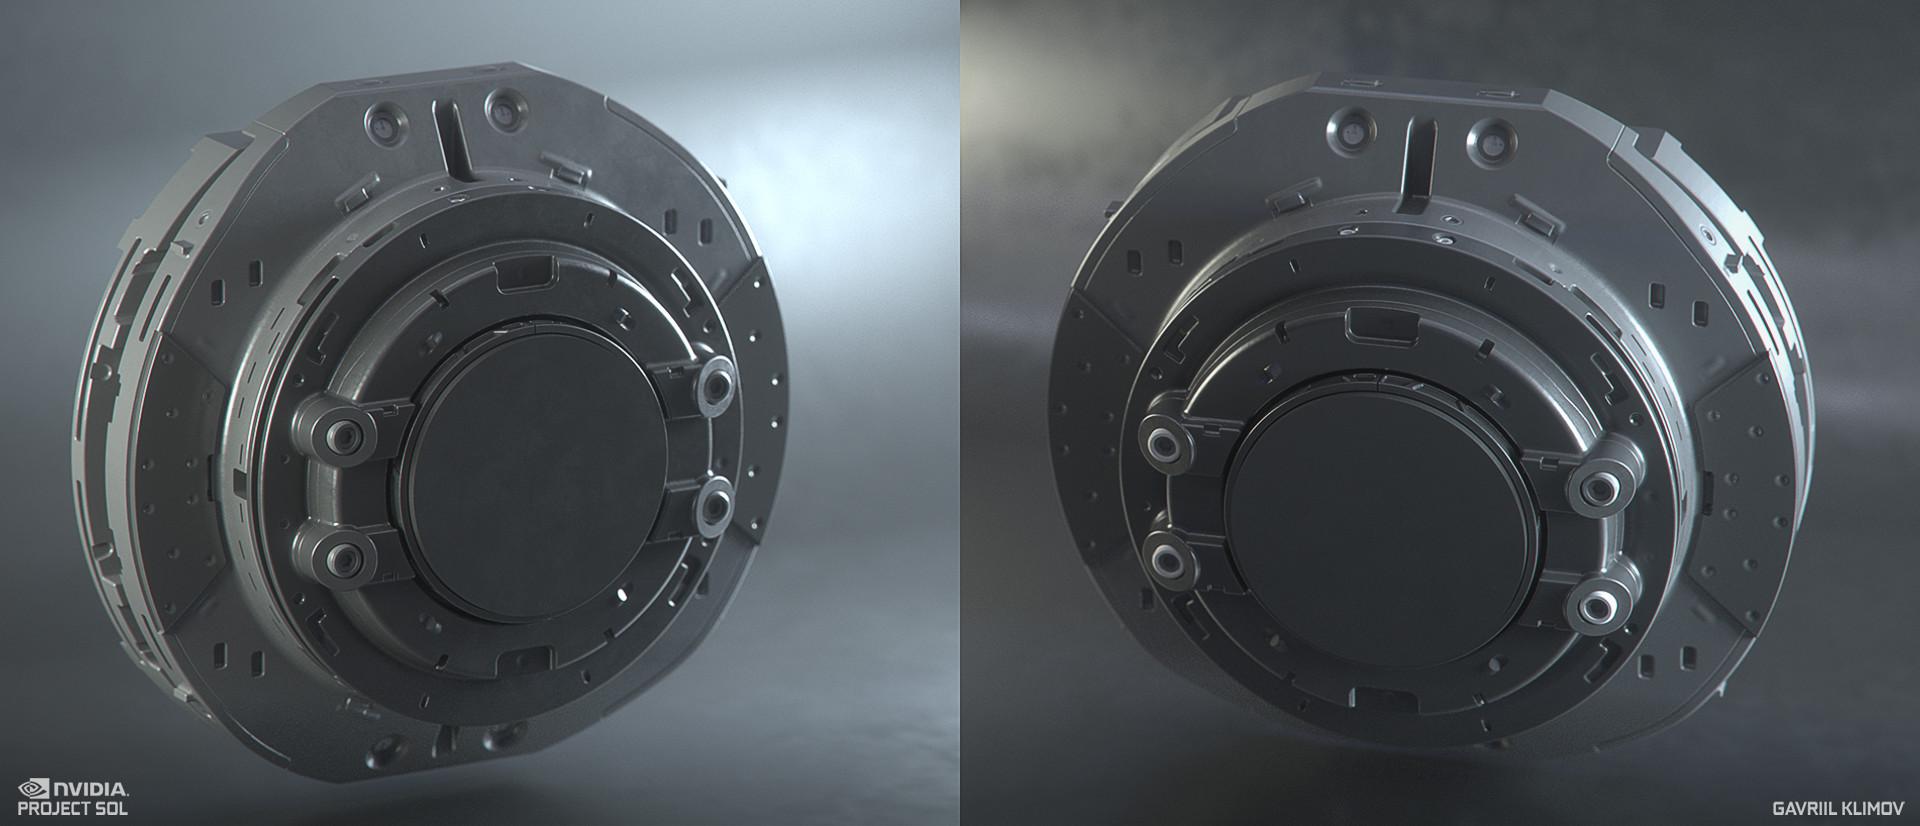 Pipe disk latch mechanism. WIP render